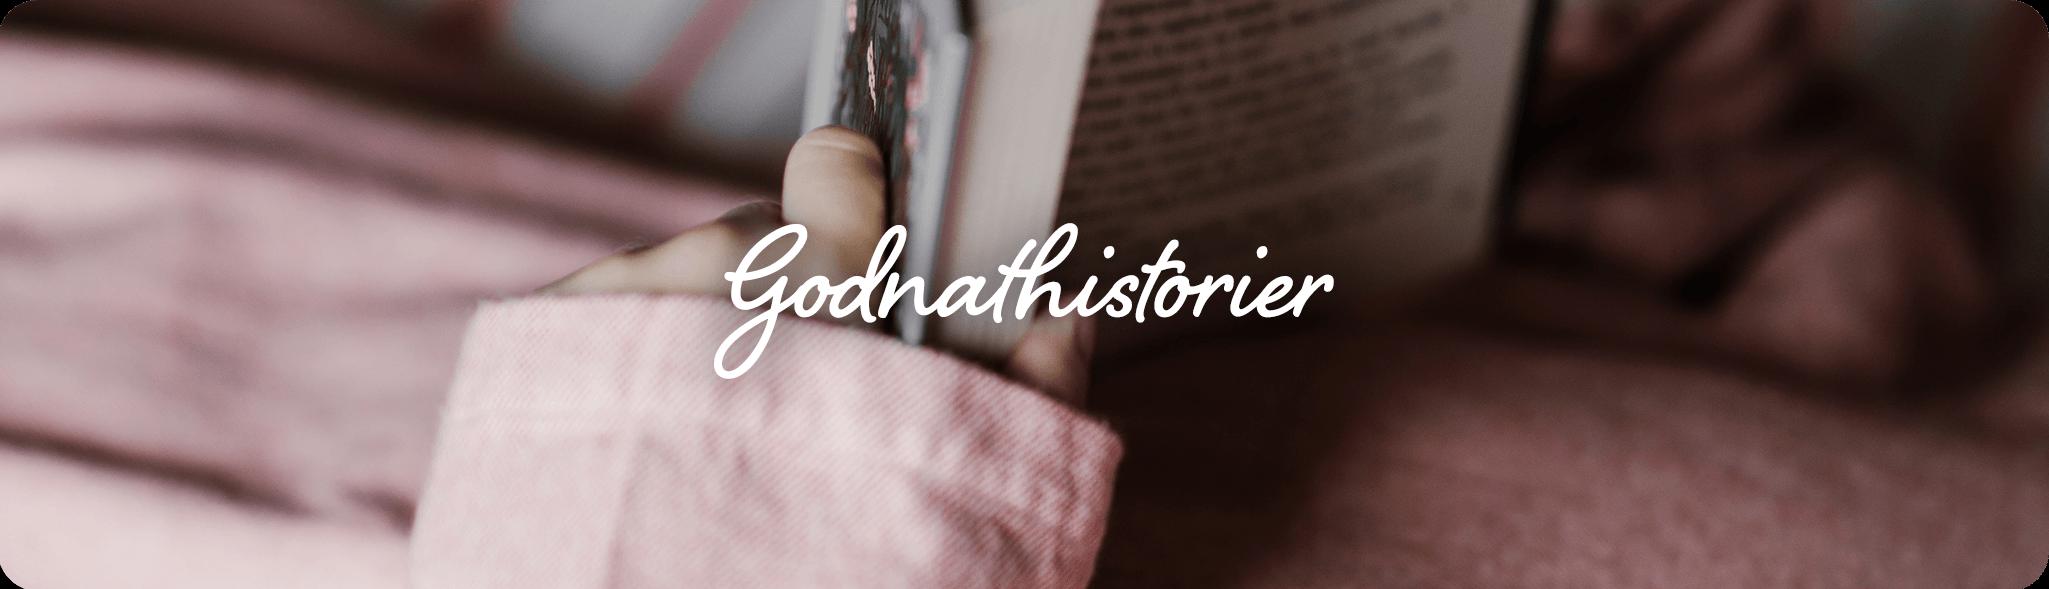 Godnathistorier banner